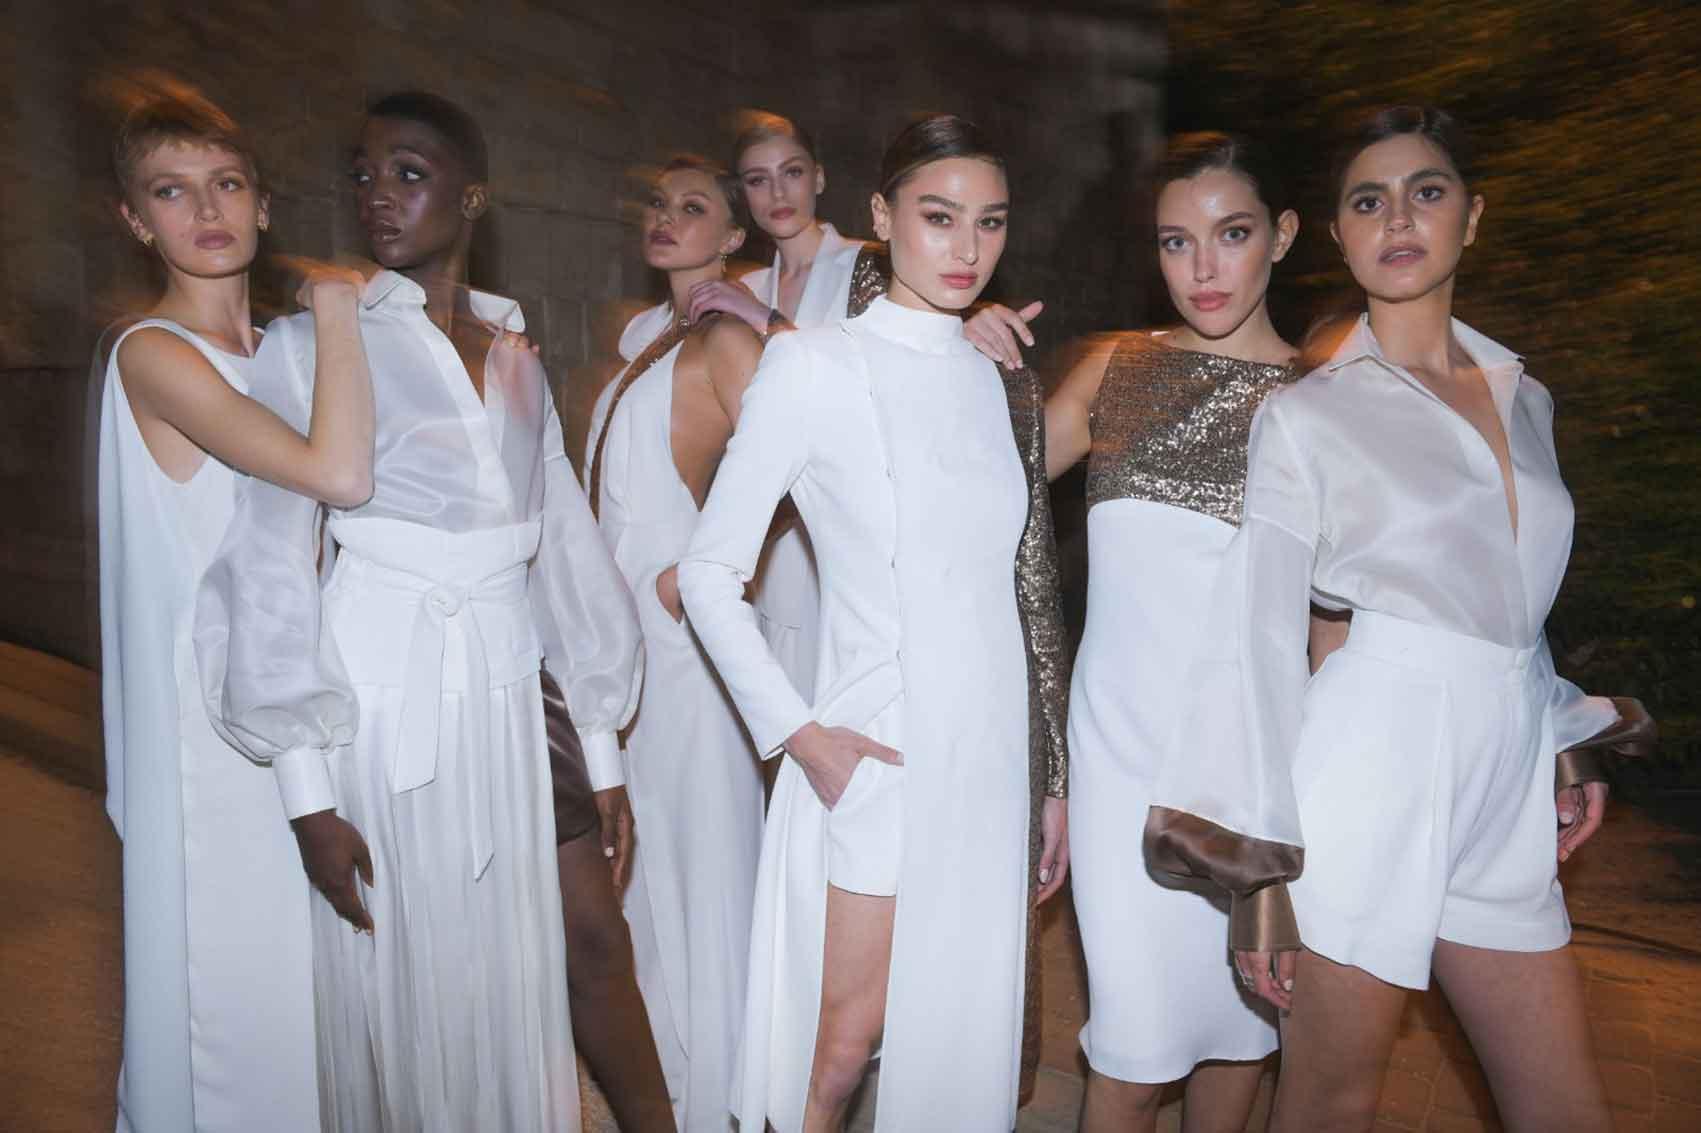 Shai-Shalom-Tel-Aviv-Kornit-Fashion-Week-2021-ph-Eran-Levi-IDOCVM